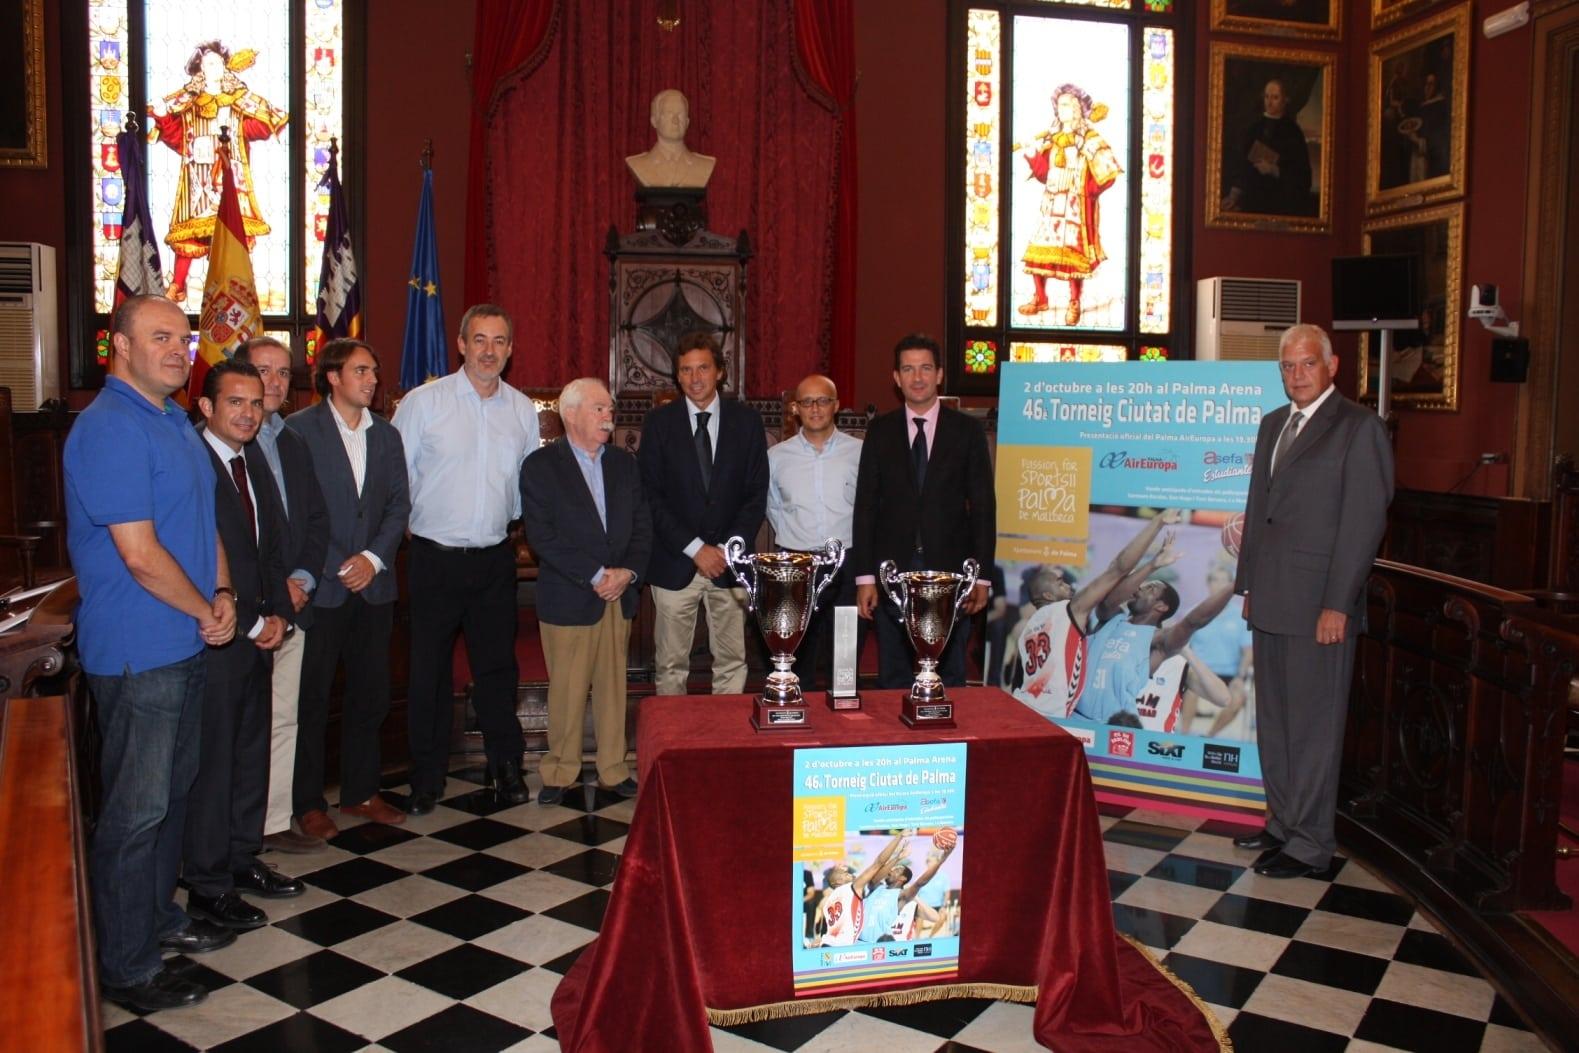 Asefa Estudiantes disputa hoy el Trofeo Ciutat de Palma (20:00)